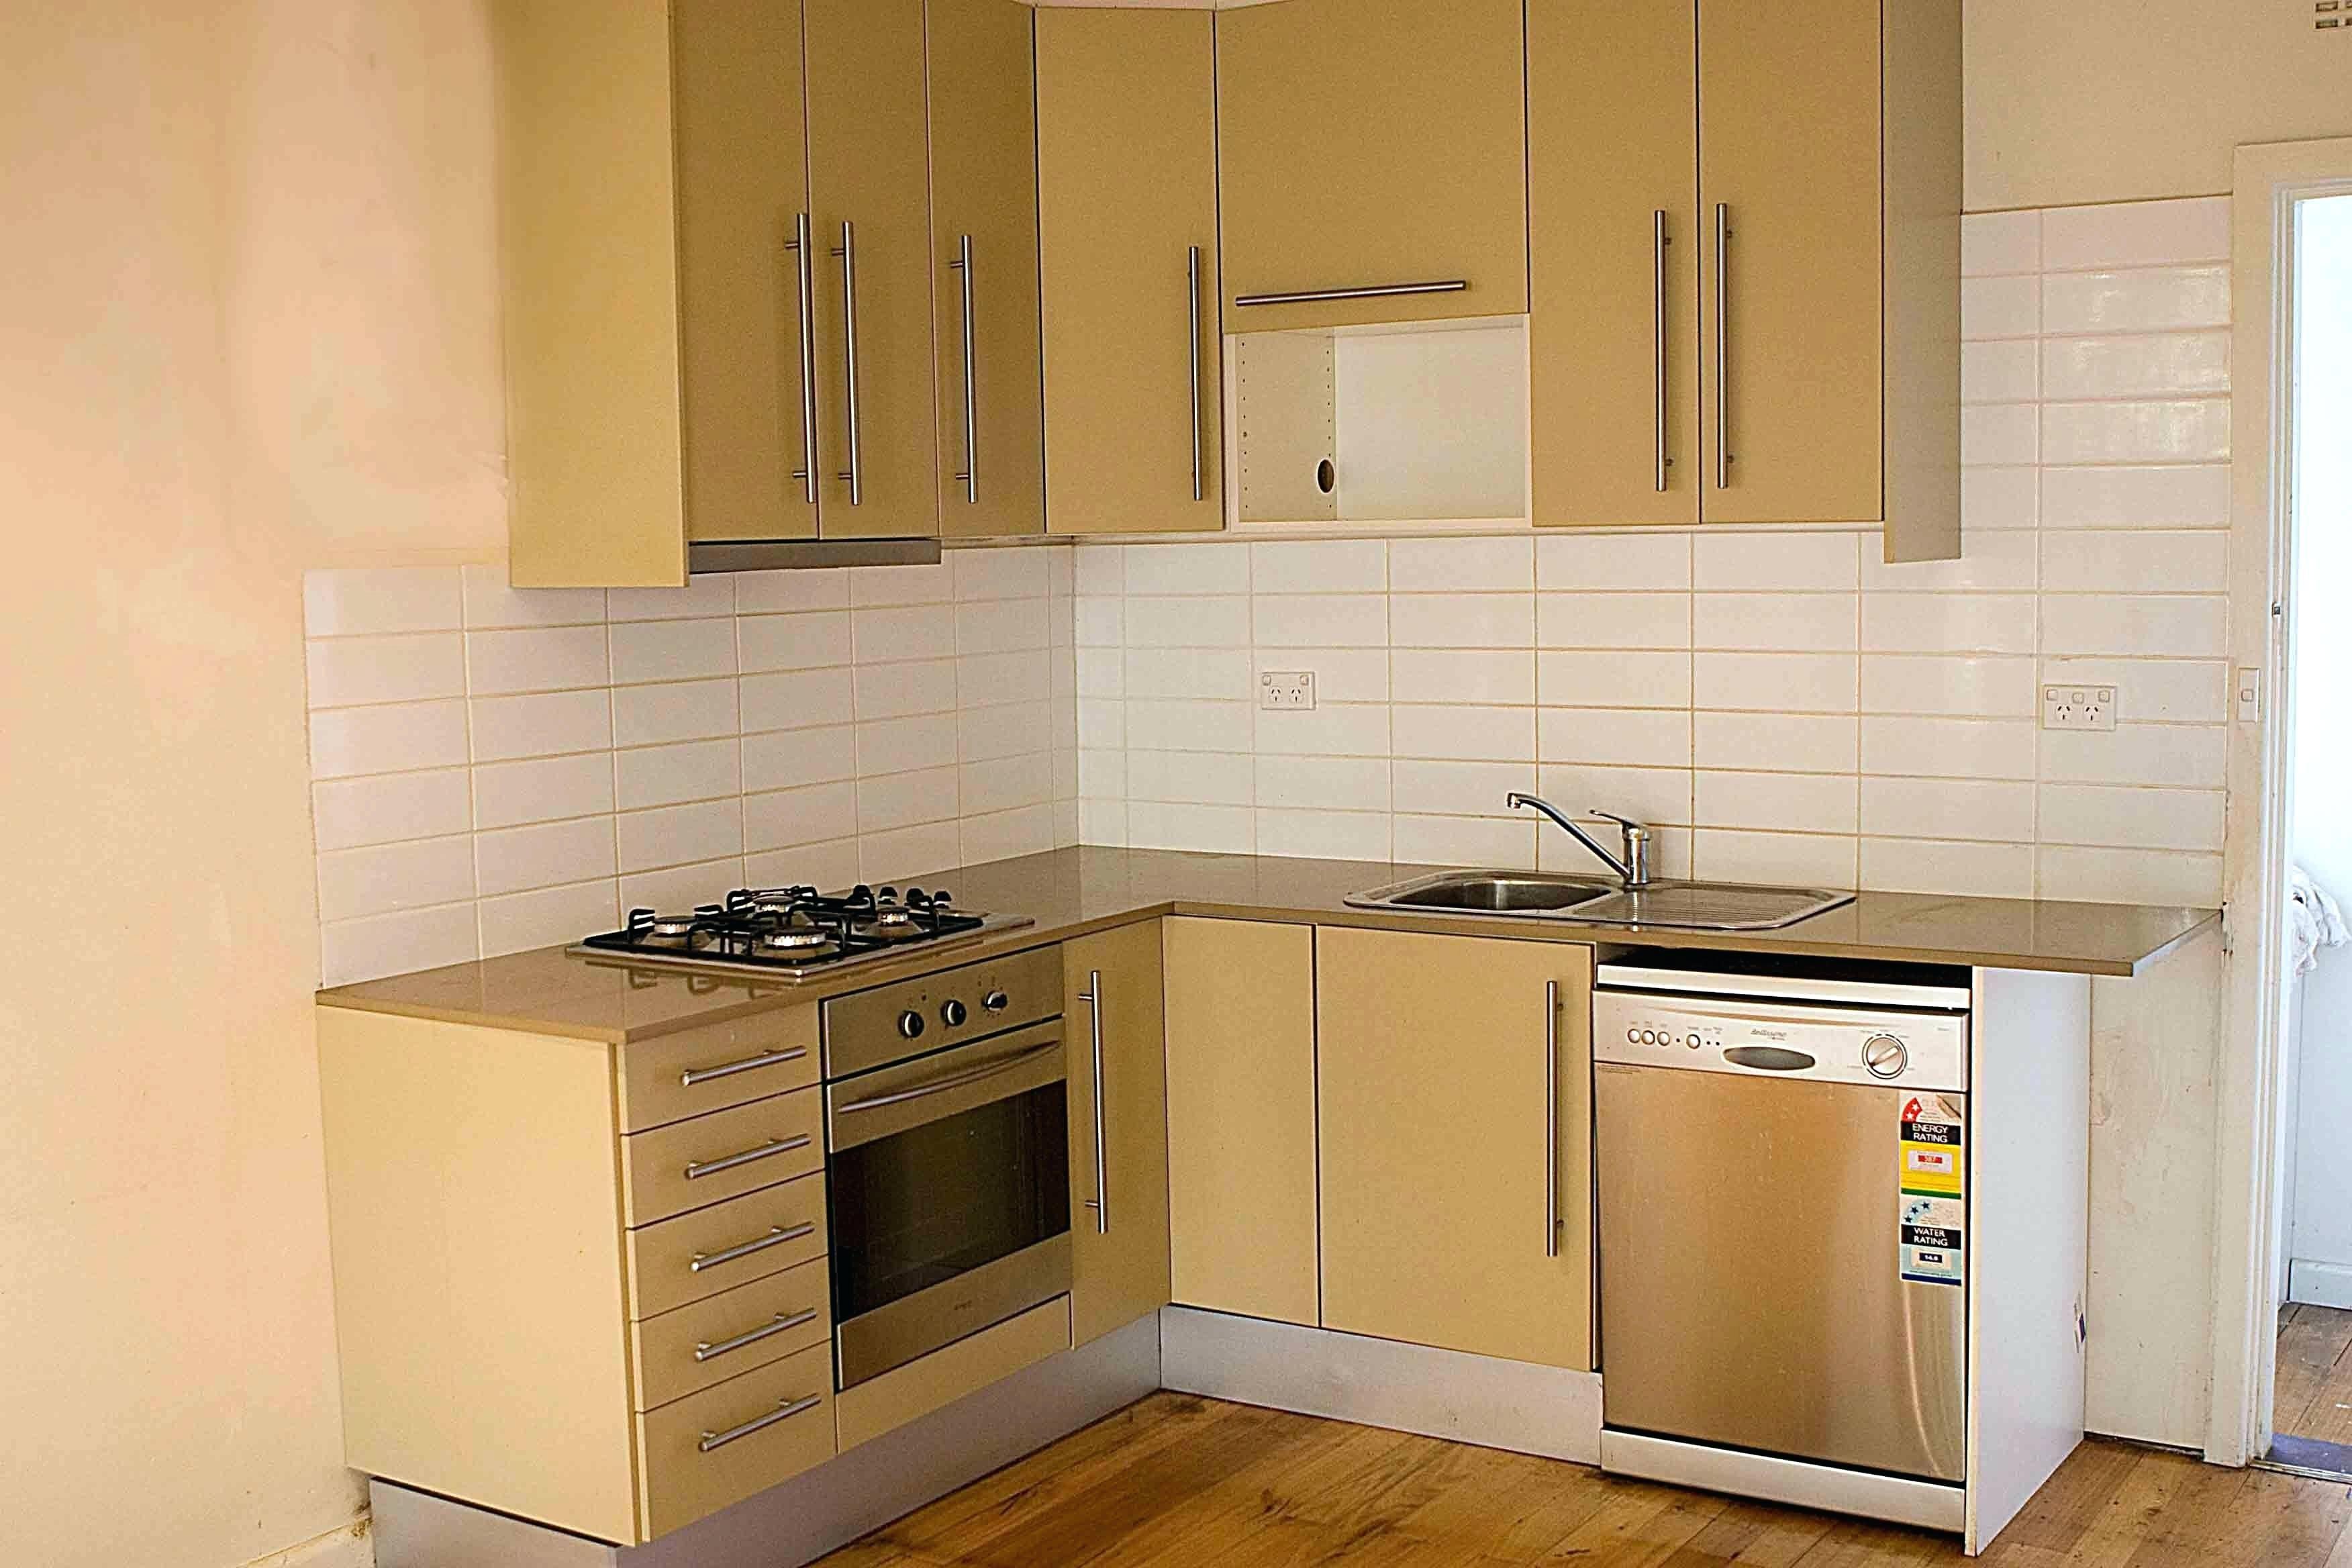 Home küche einfache design bilder top  spezielle küchenschränke pläne dimensionen vision  offene